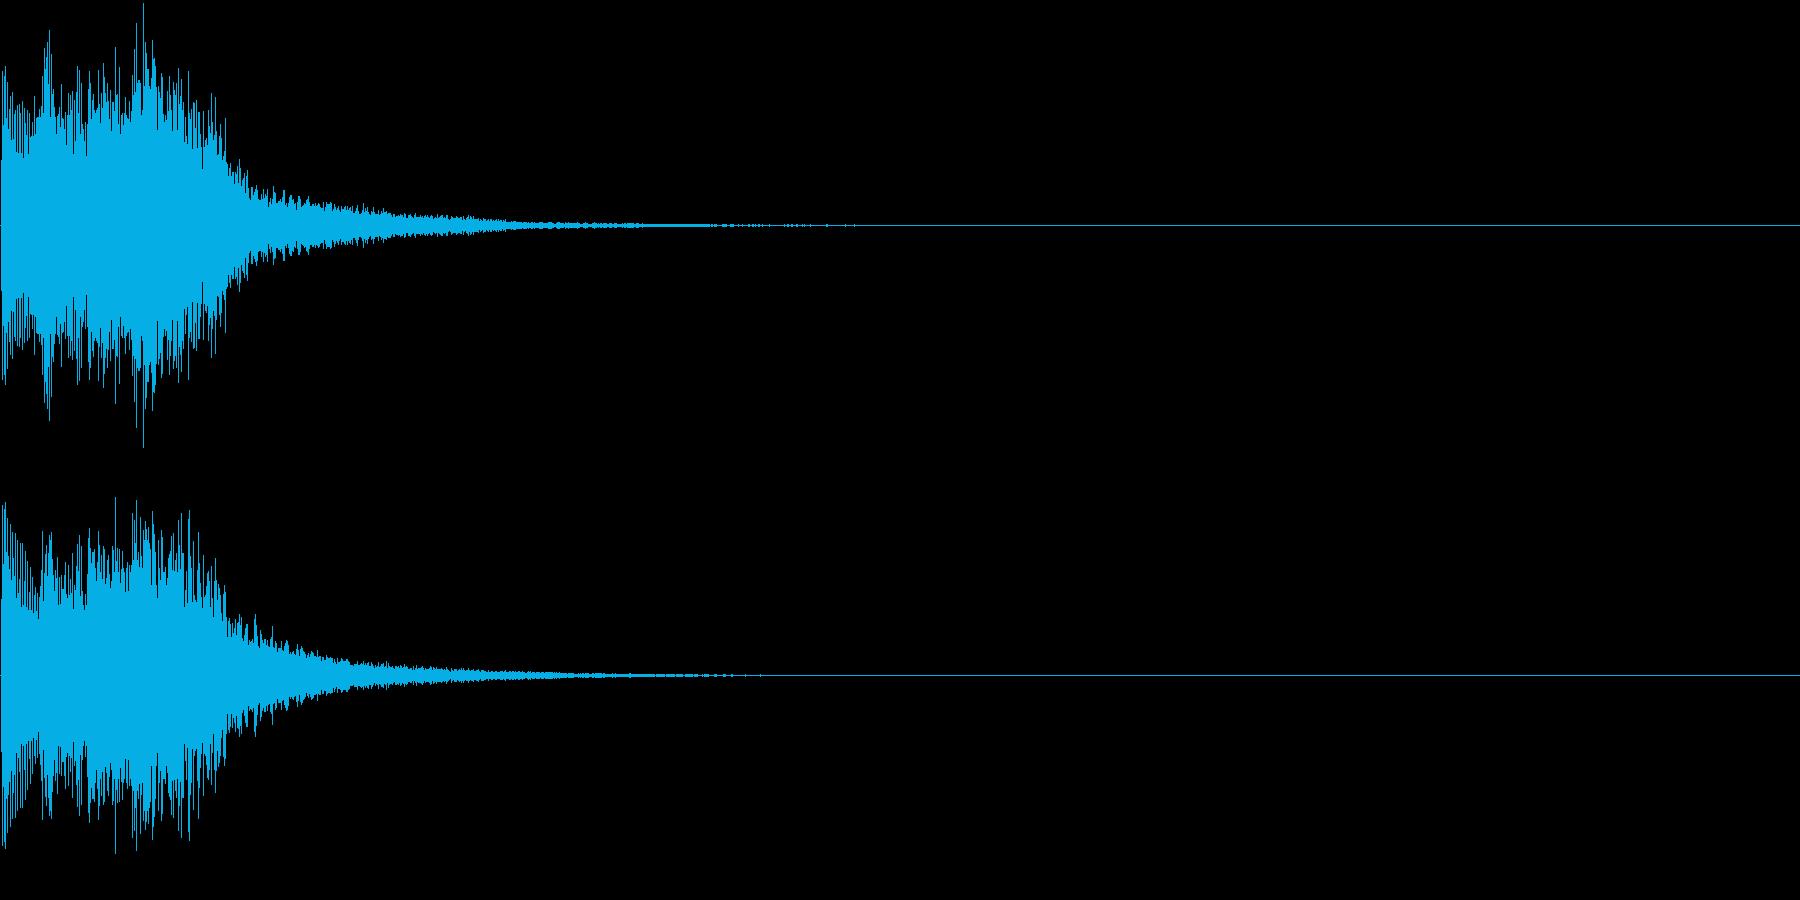 ジャラン 表示 クリック ピックアップの再生済みの波形